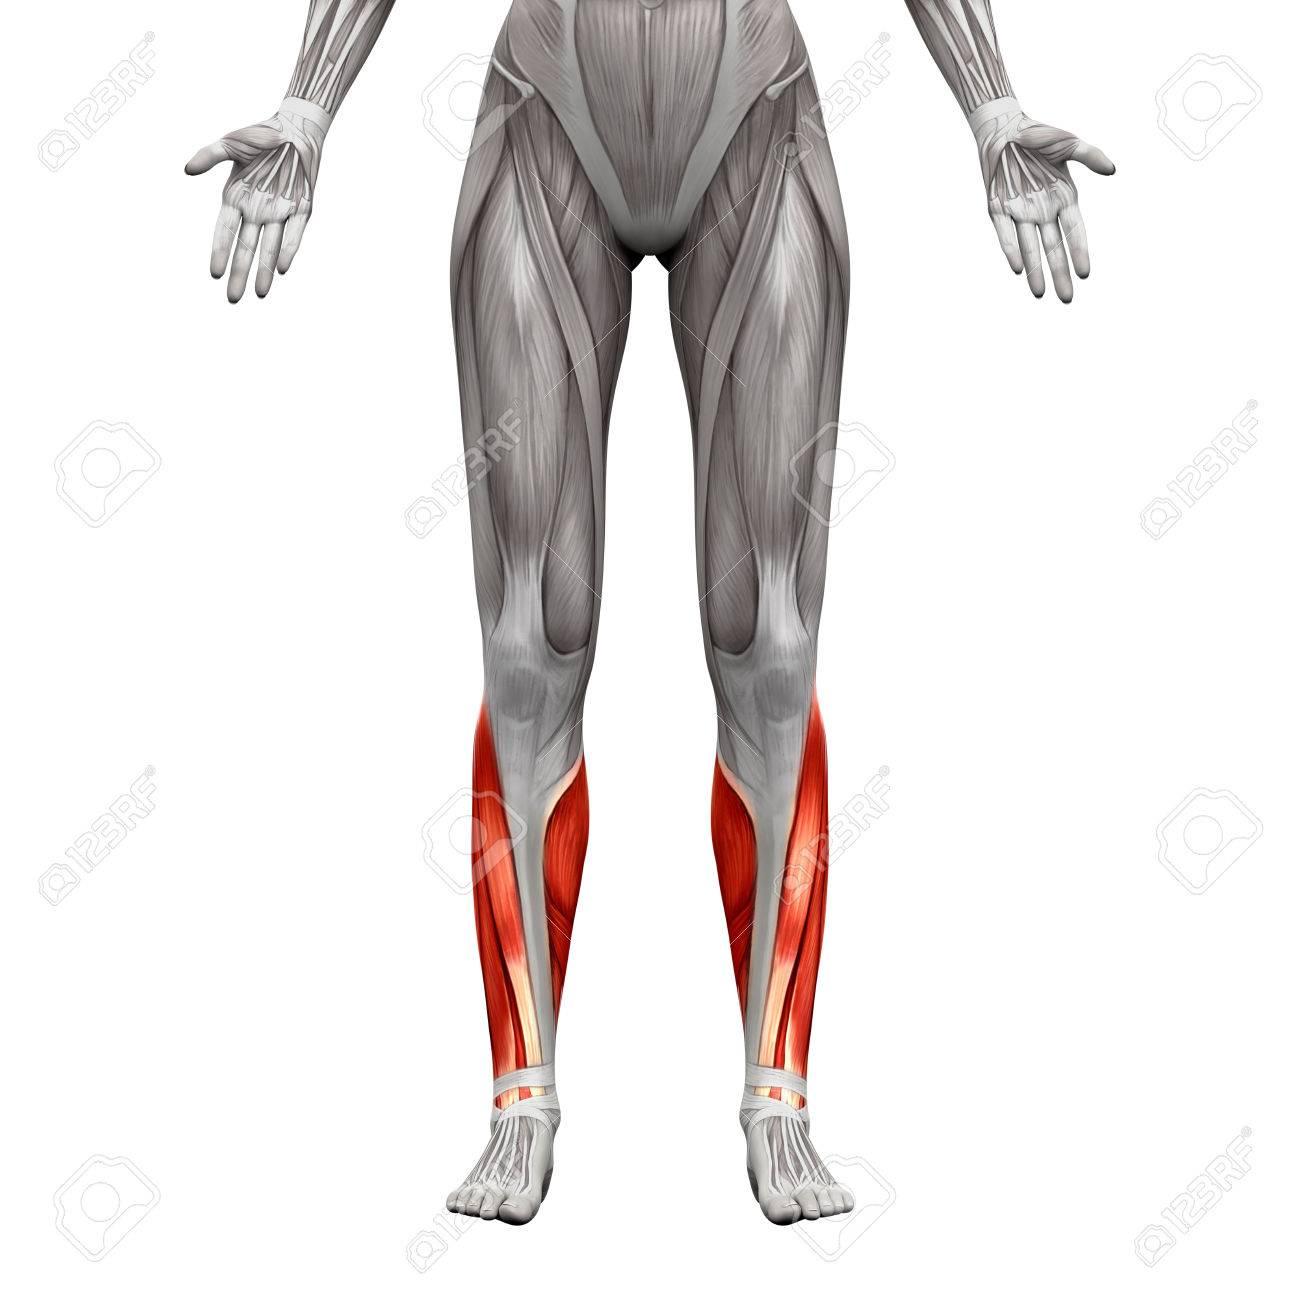 Berühmt Muskeln Anatomie Ideen - Anatomie Ideen - finotti.info